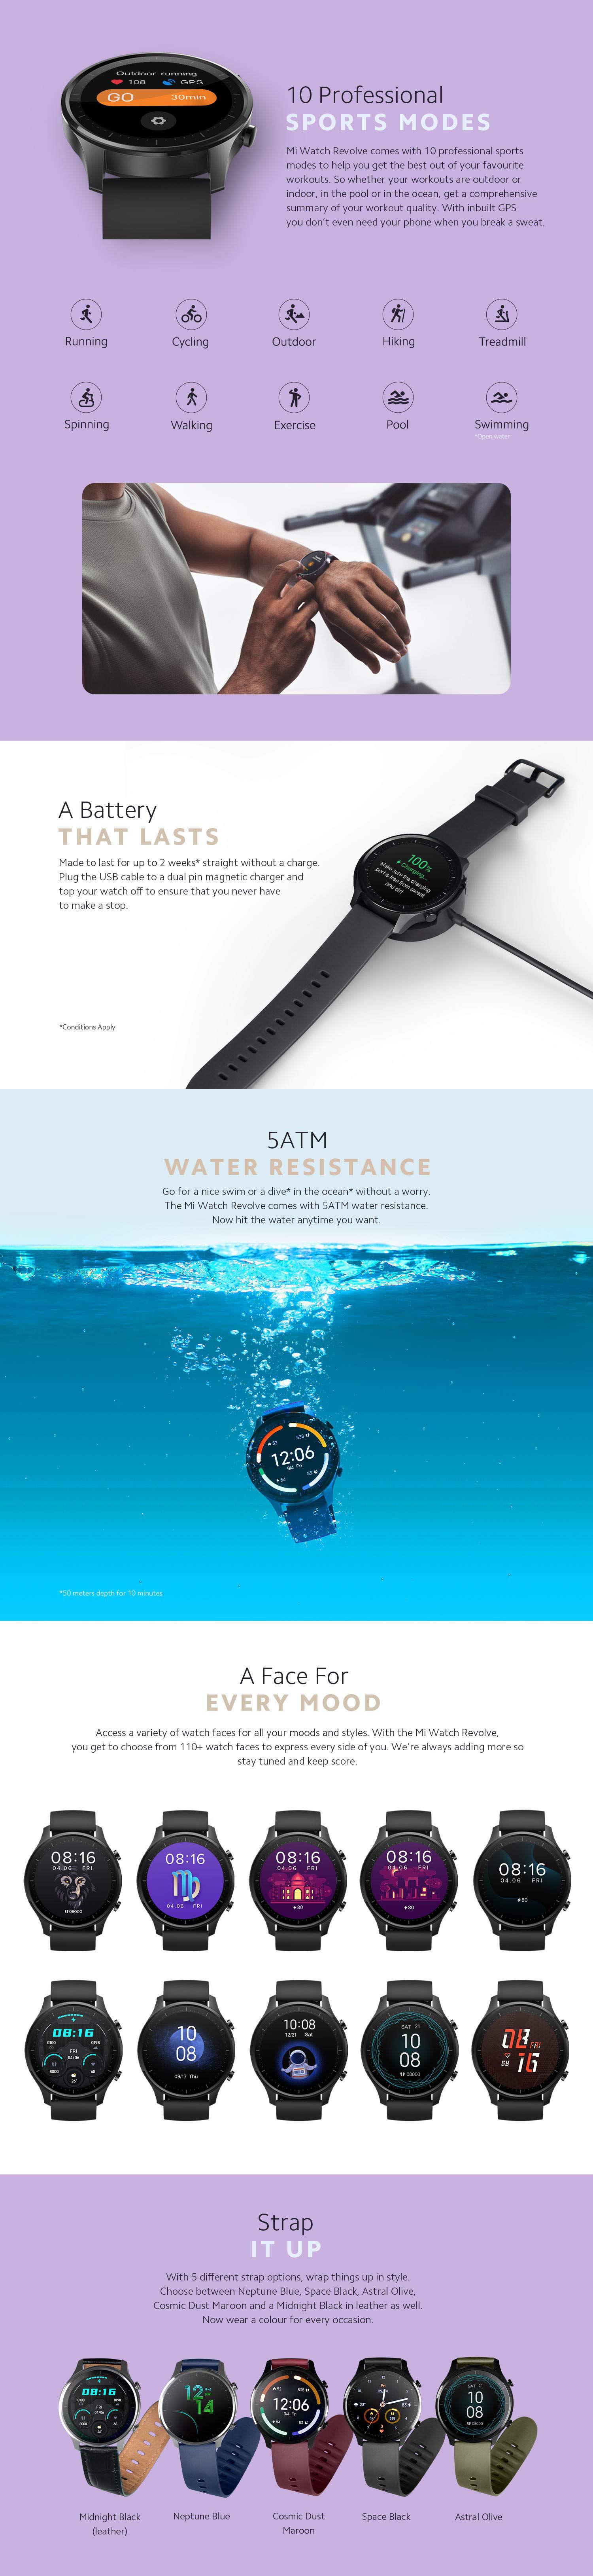 premiera Xiaomi Mi Watch Revolve cena specyfikacja opinie gdzie kupić najtaniej w Polsce smartwatch